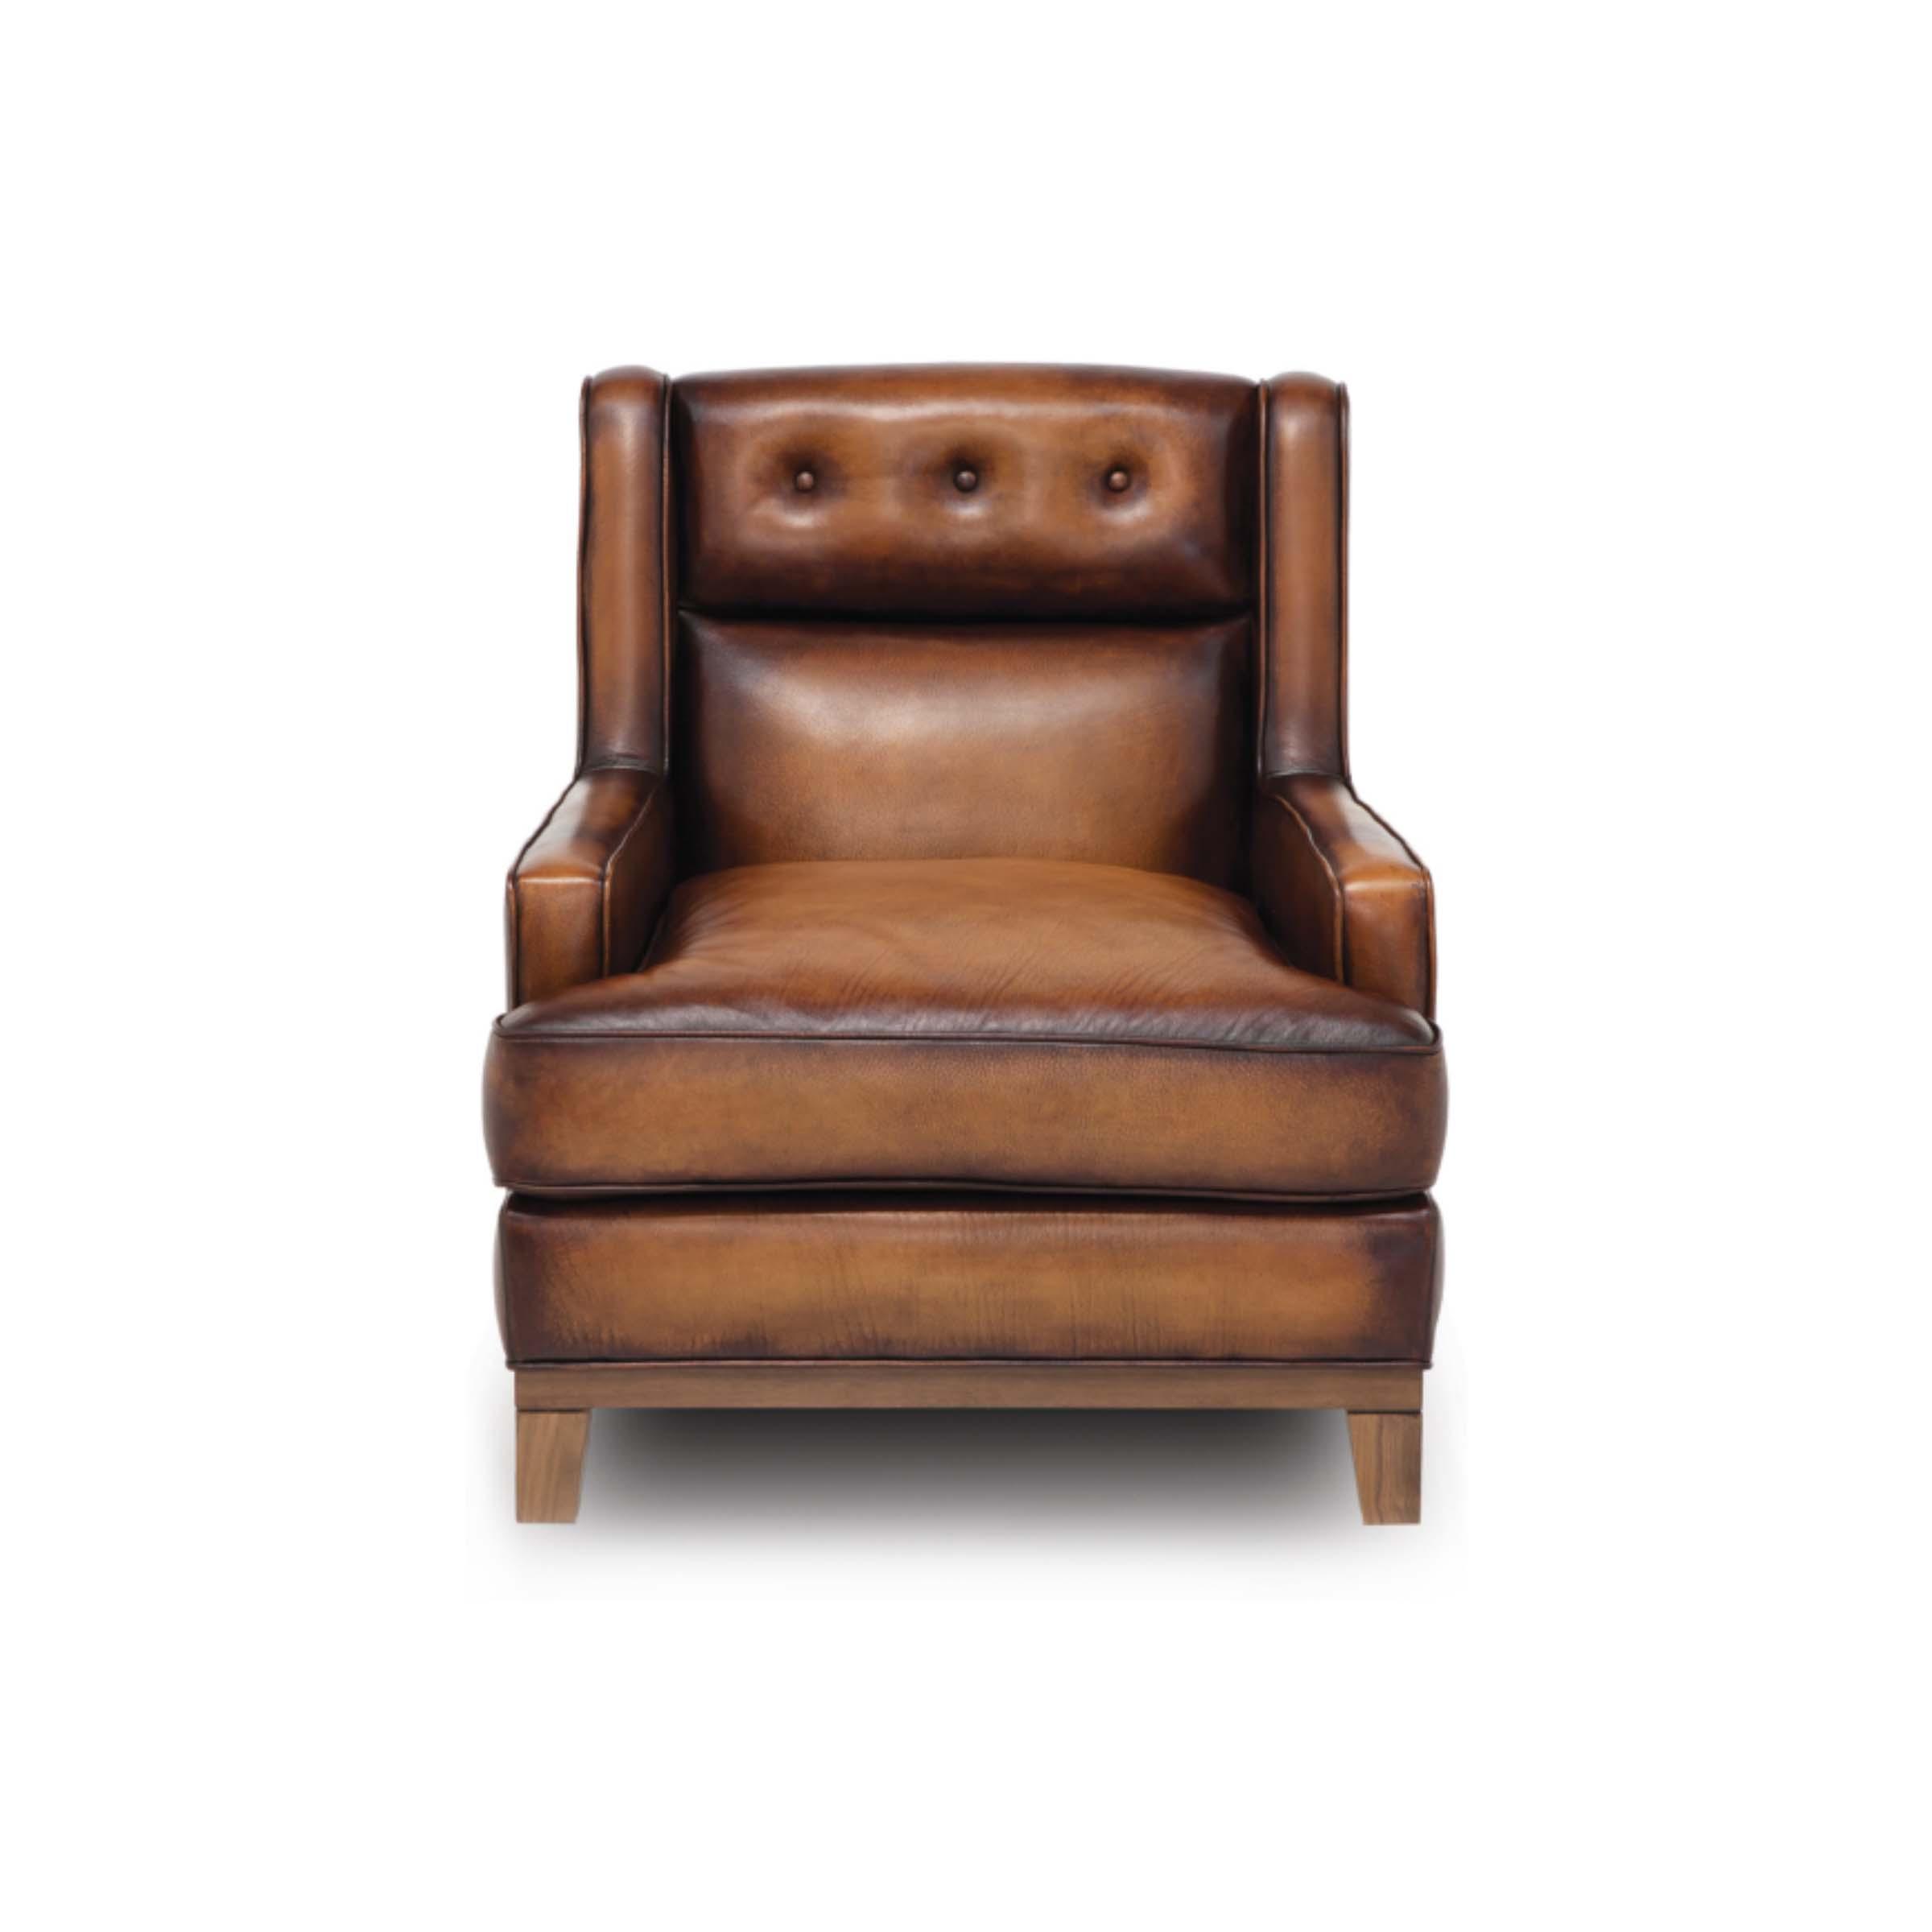 SEVILLA - 1E Accent Chair Maestro Artisano Saddle